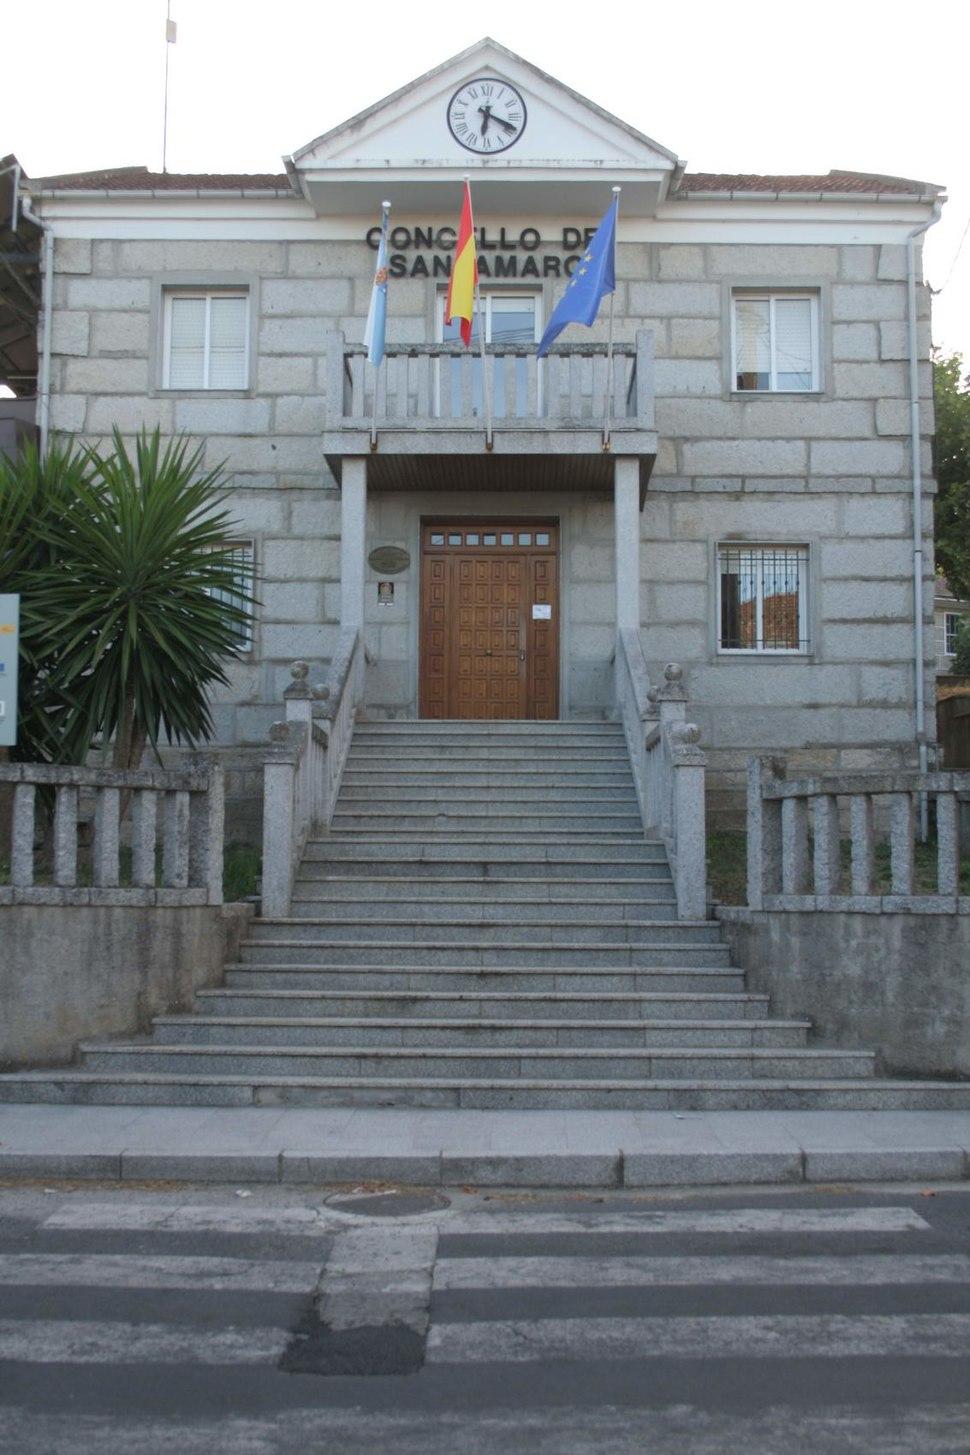 Concello de San Amaro